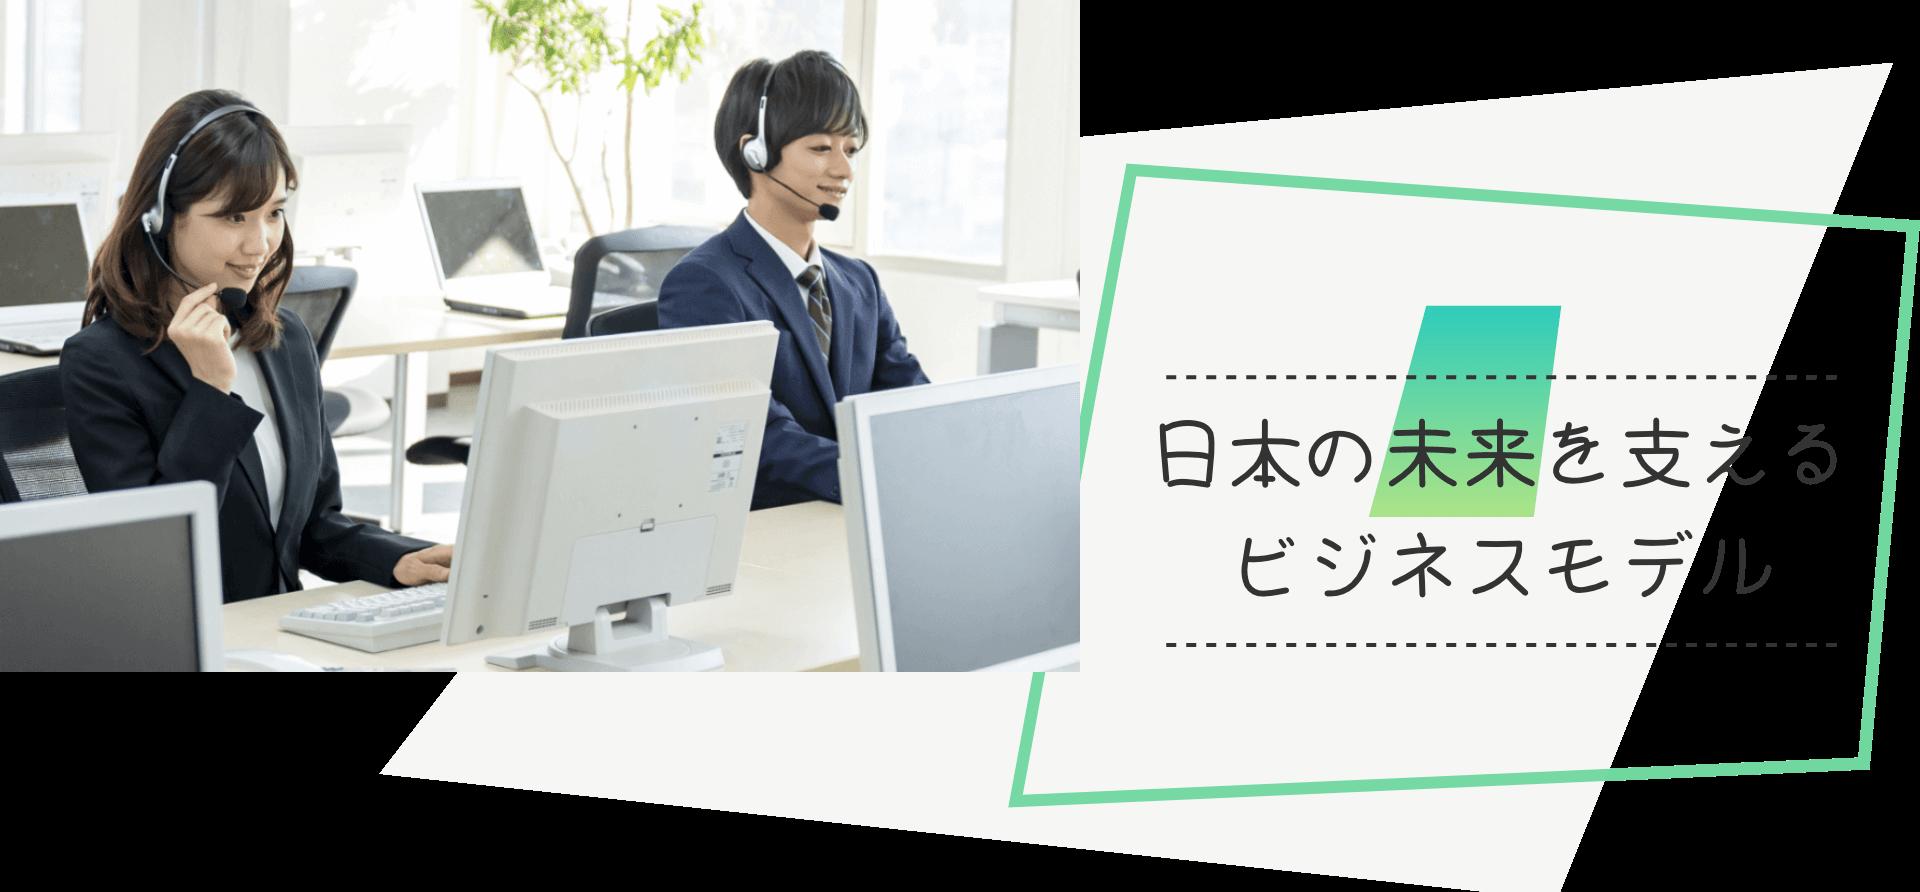 日本の未来を支えるビジネスモデル